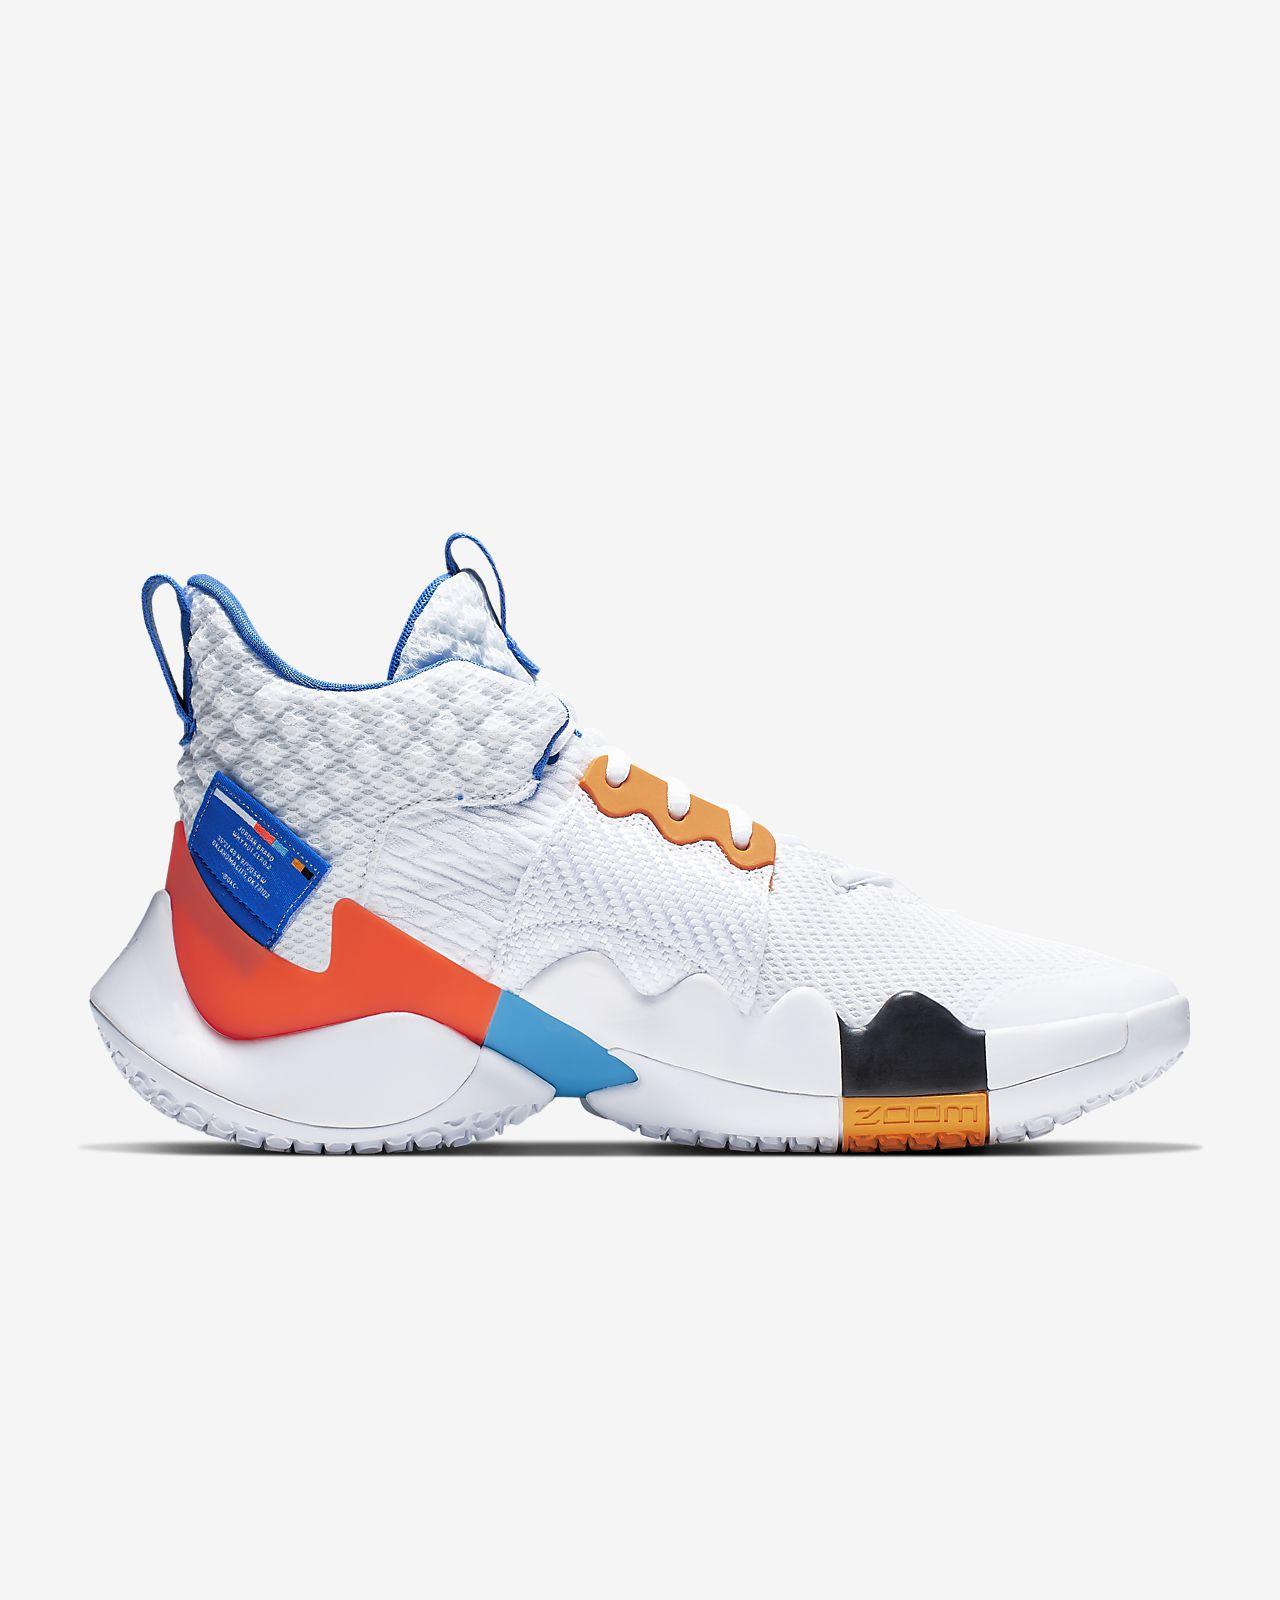 De Basketball Basketball Jordan Chaussure Jordan De Basketball Basketball Chaussure De Chaussure Chaussure Jordan De xWrdCQoBe